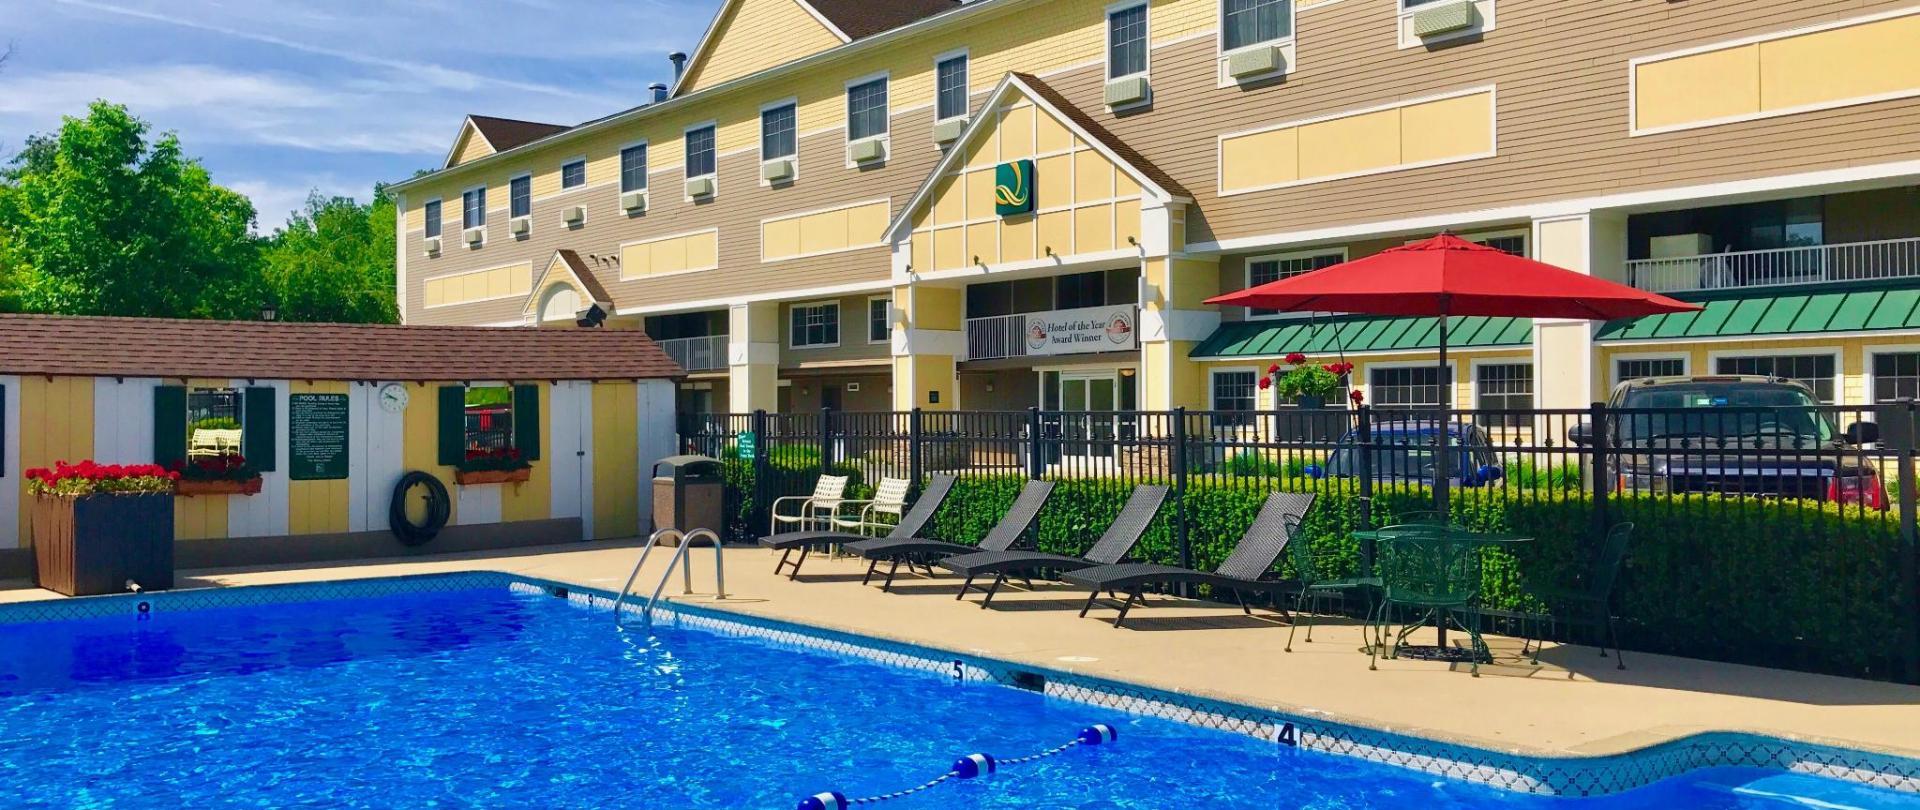 Pool-Hotel 2017.jpg